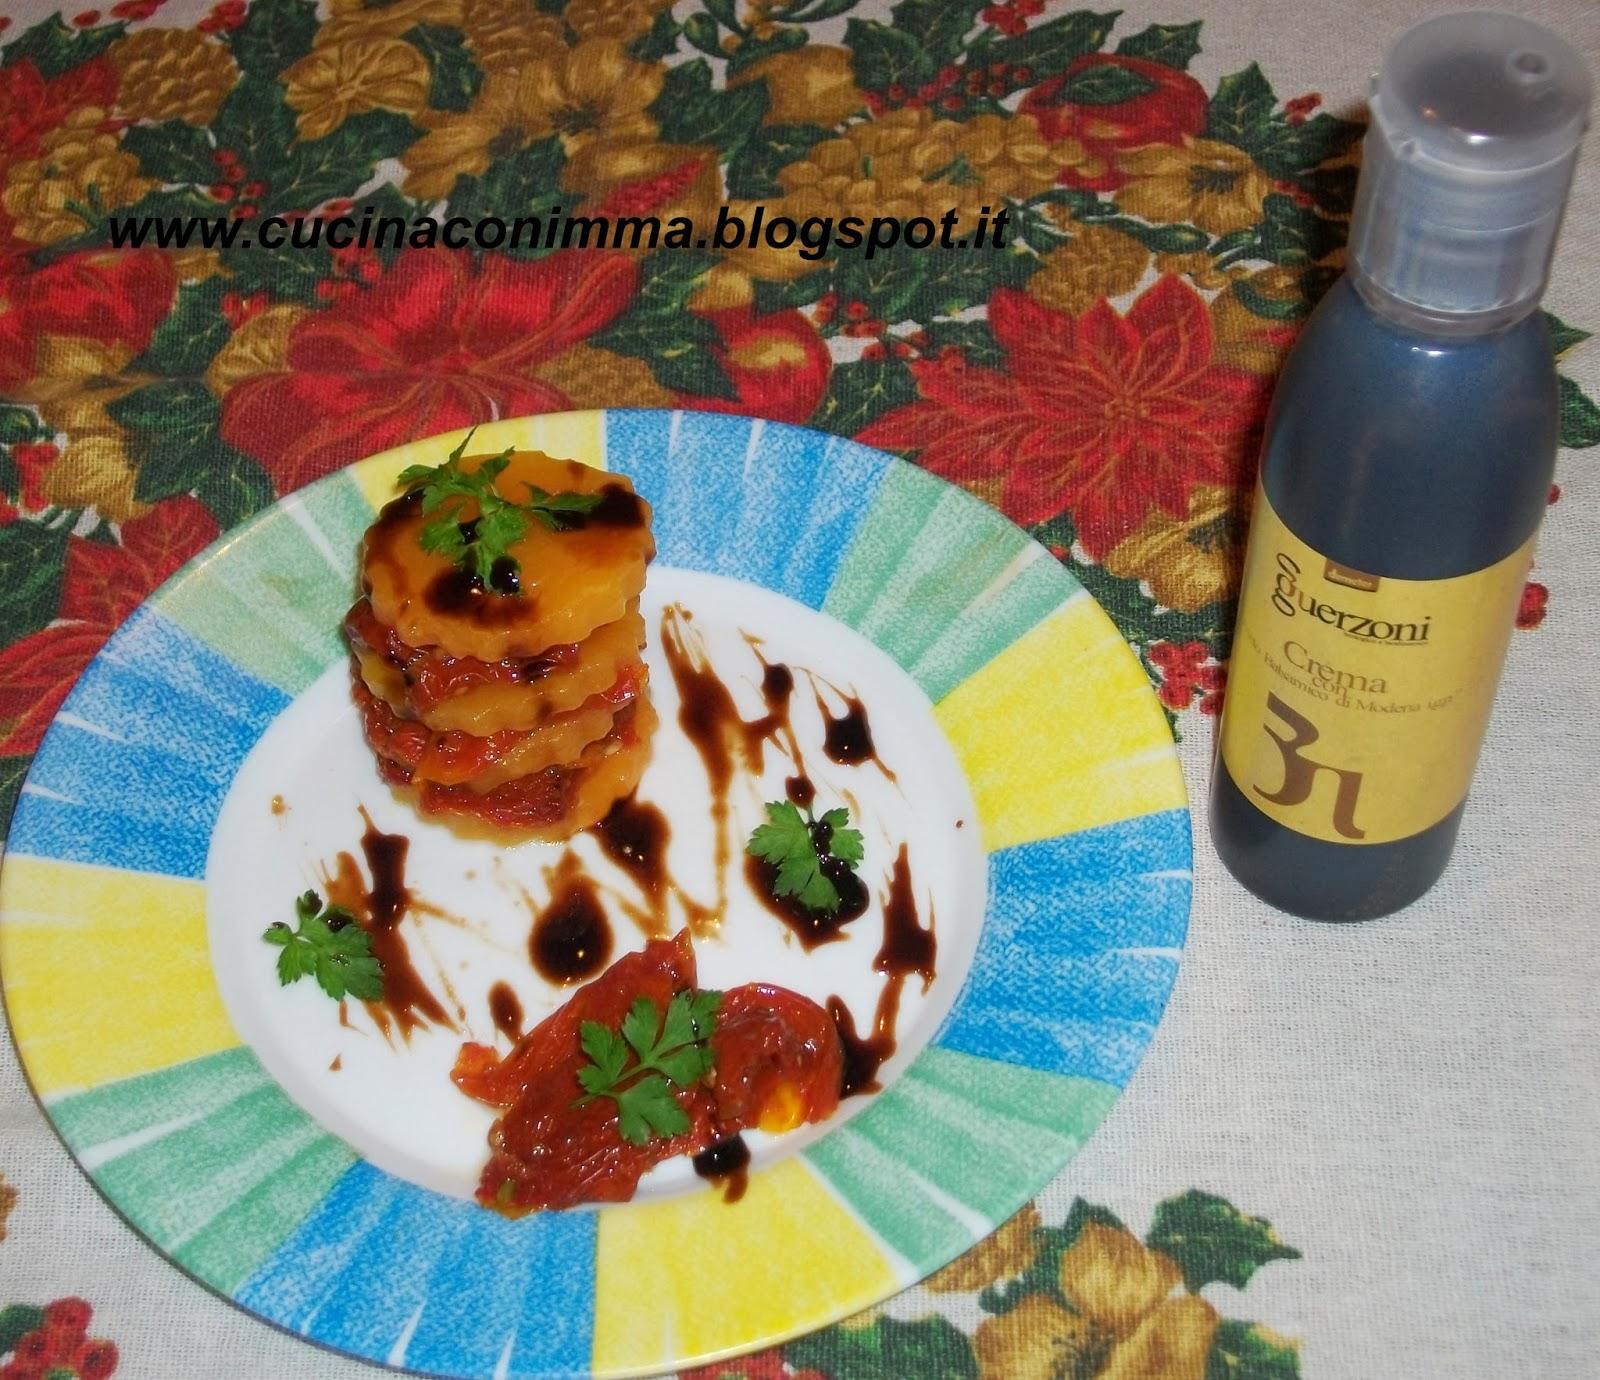 millefoglie zucca e pomodori secchi, con crema di aceto balsamico guerzoni